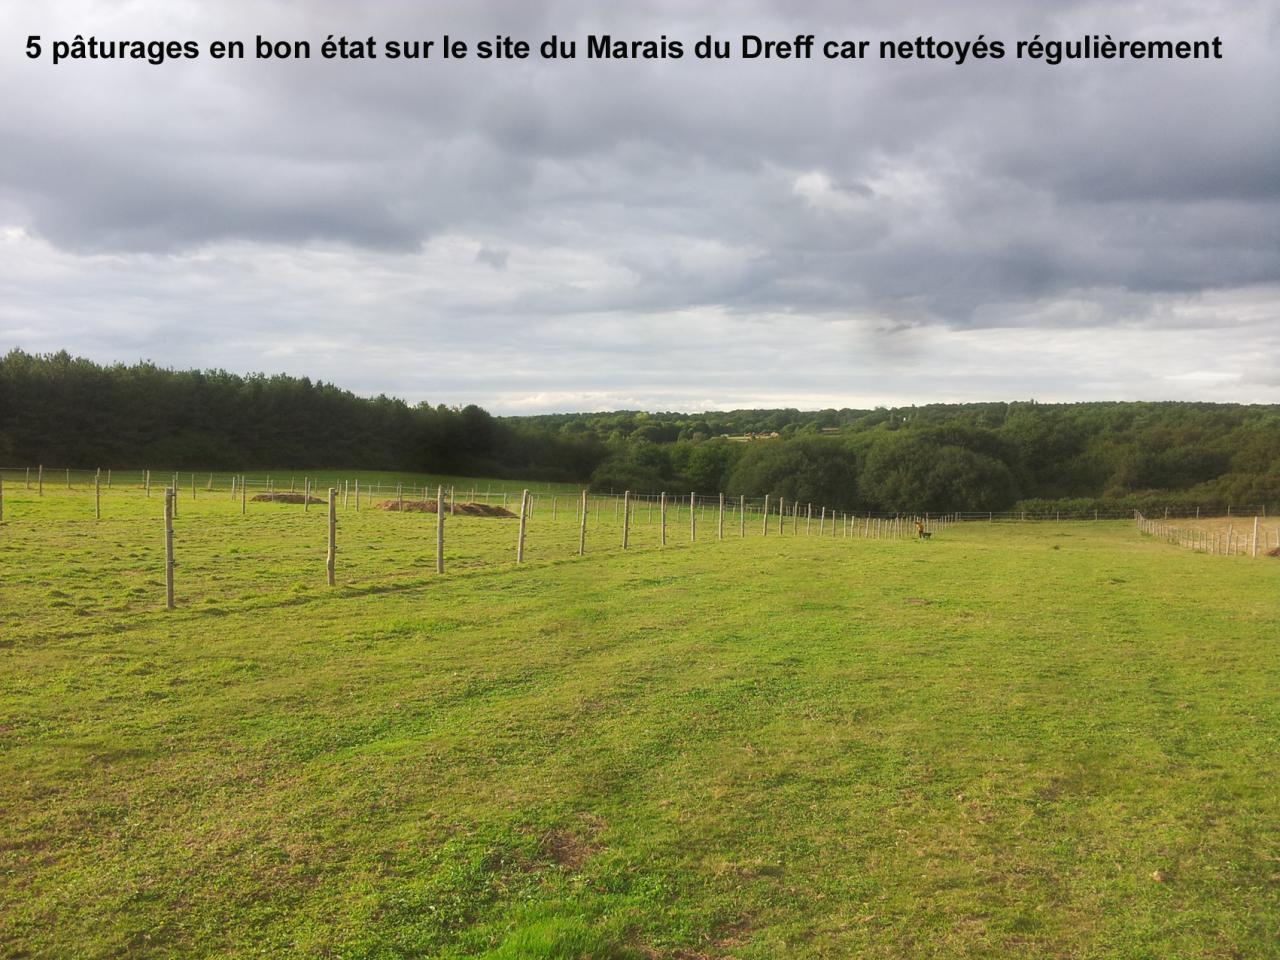 pâturages en bon état au Marais du Dreff car nettoyés par cavaliers